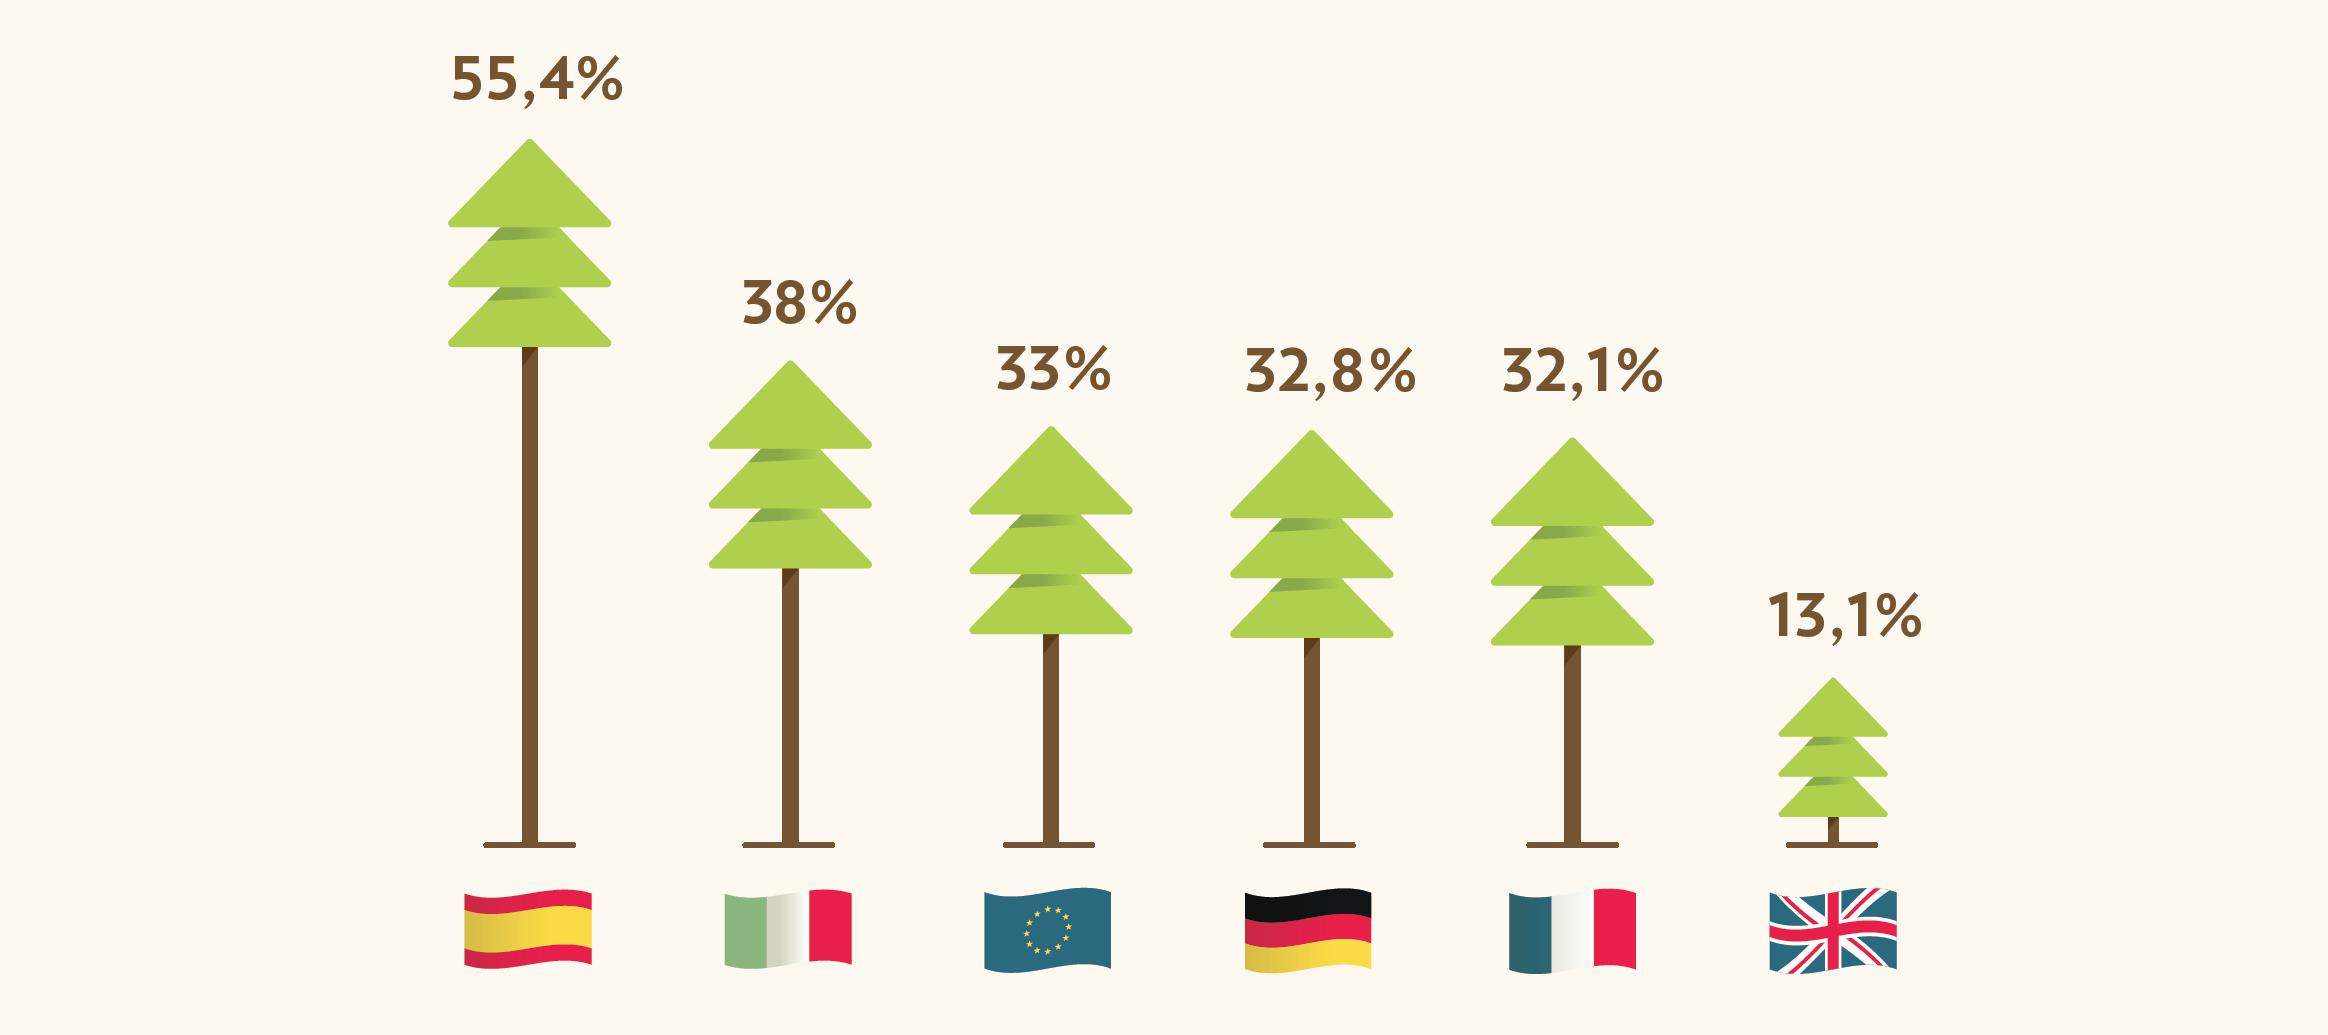 Italia seconda in Europa per copertura forestale